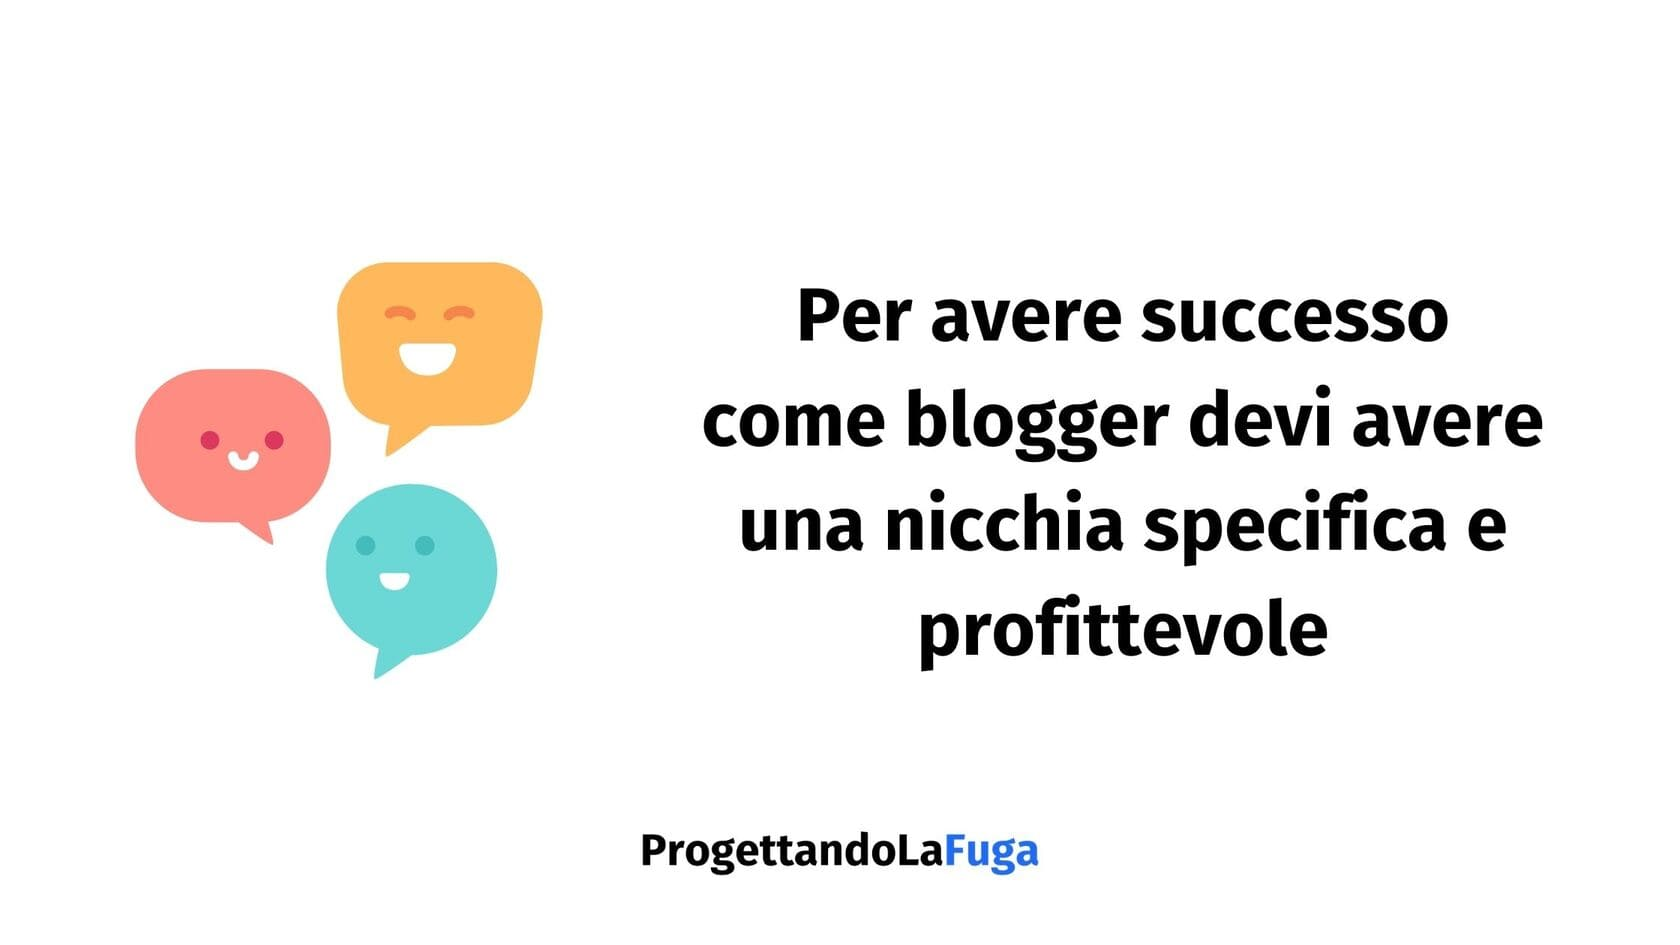 diventare blogger professionista grazie alla nicchia giusta